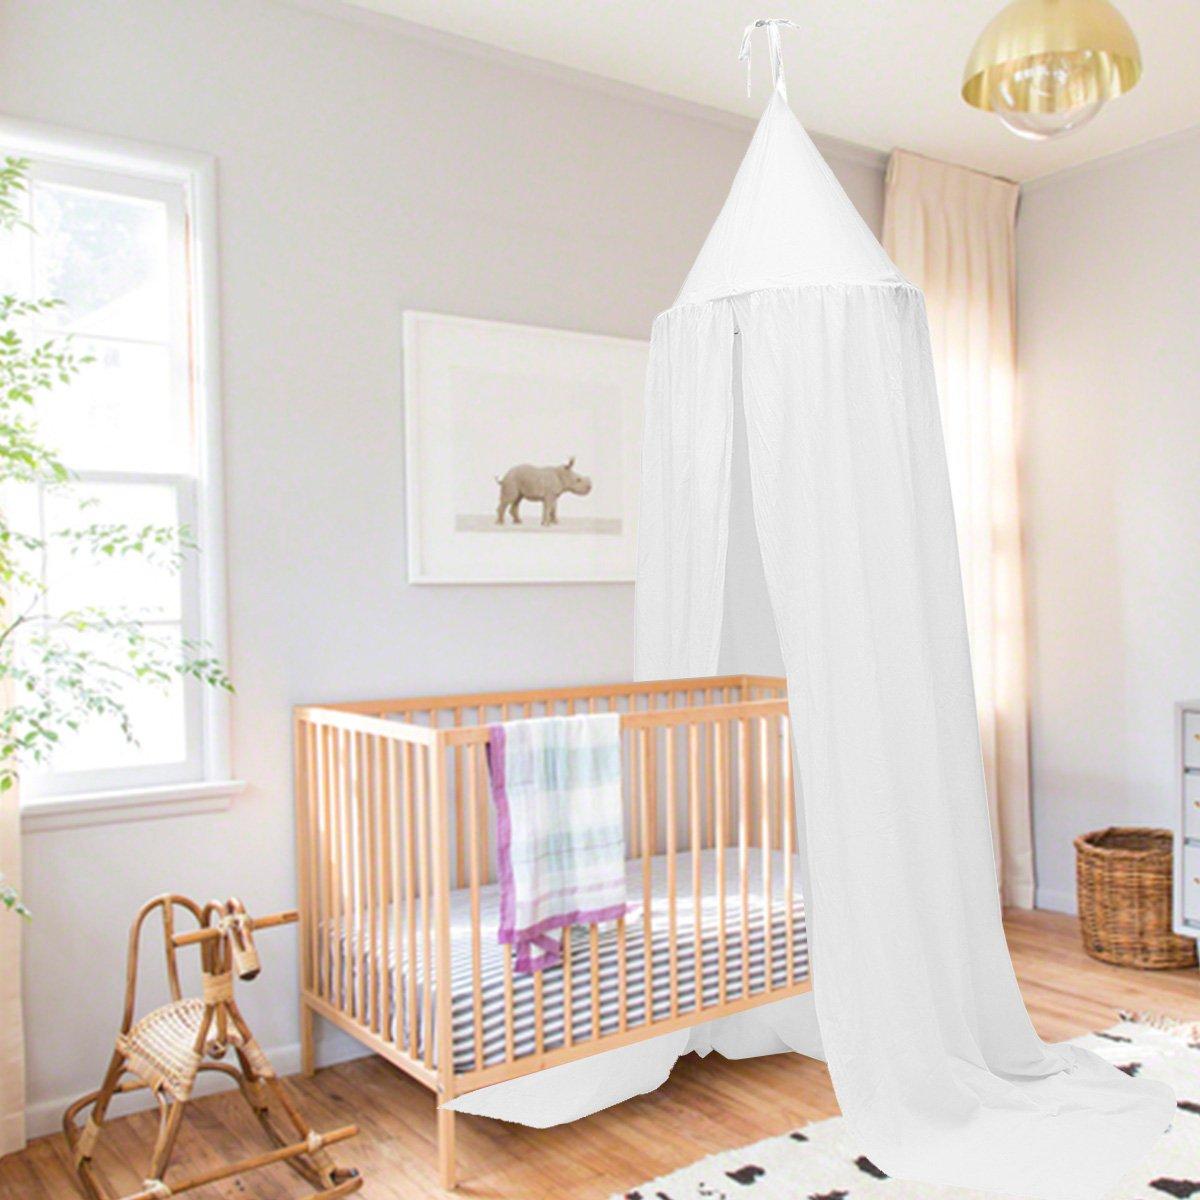 Baldachin Kinder Jeteven Betthimmel Babys Bett Moskitonetz aus Baumwolle f/ür Kinderzimmer und Schlafzimmer Insektenschutz H/öhe 240cm Wei/ß